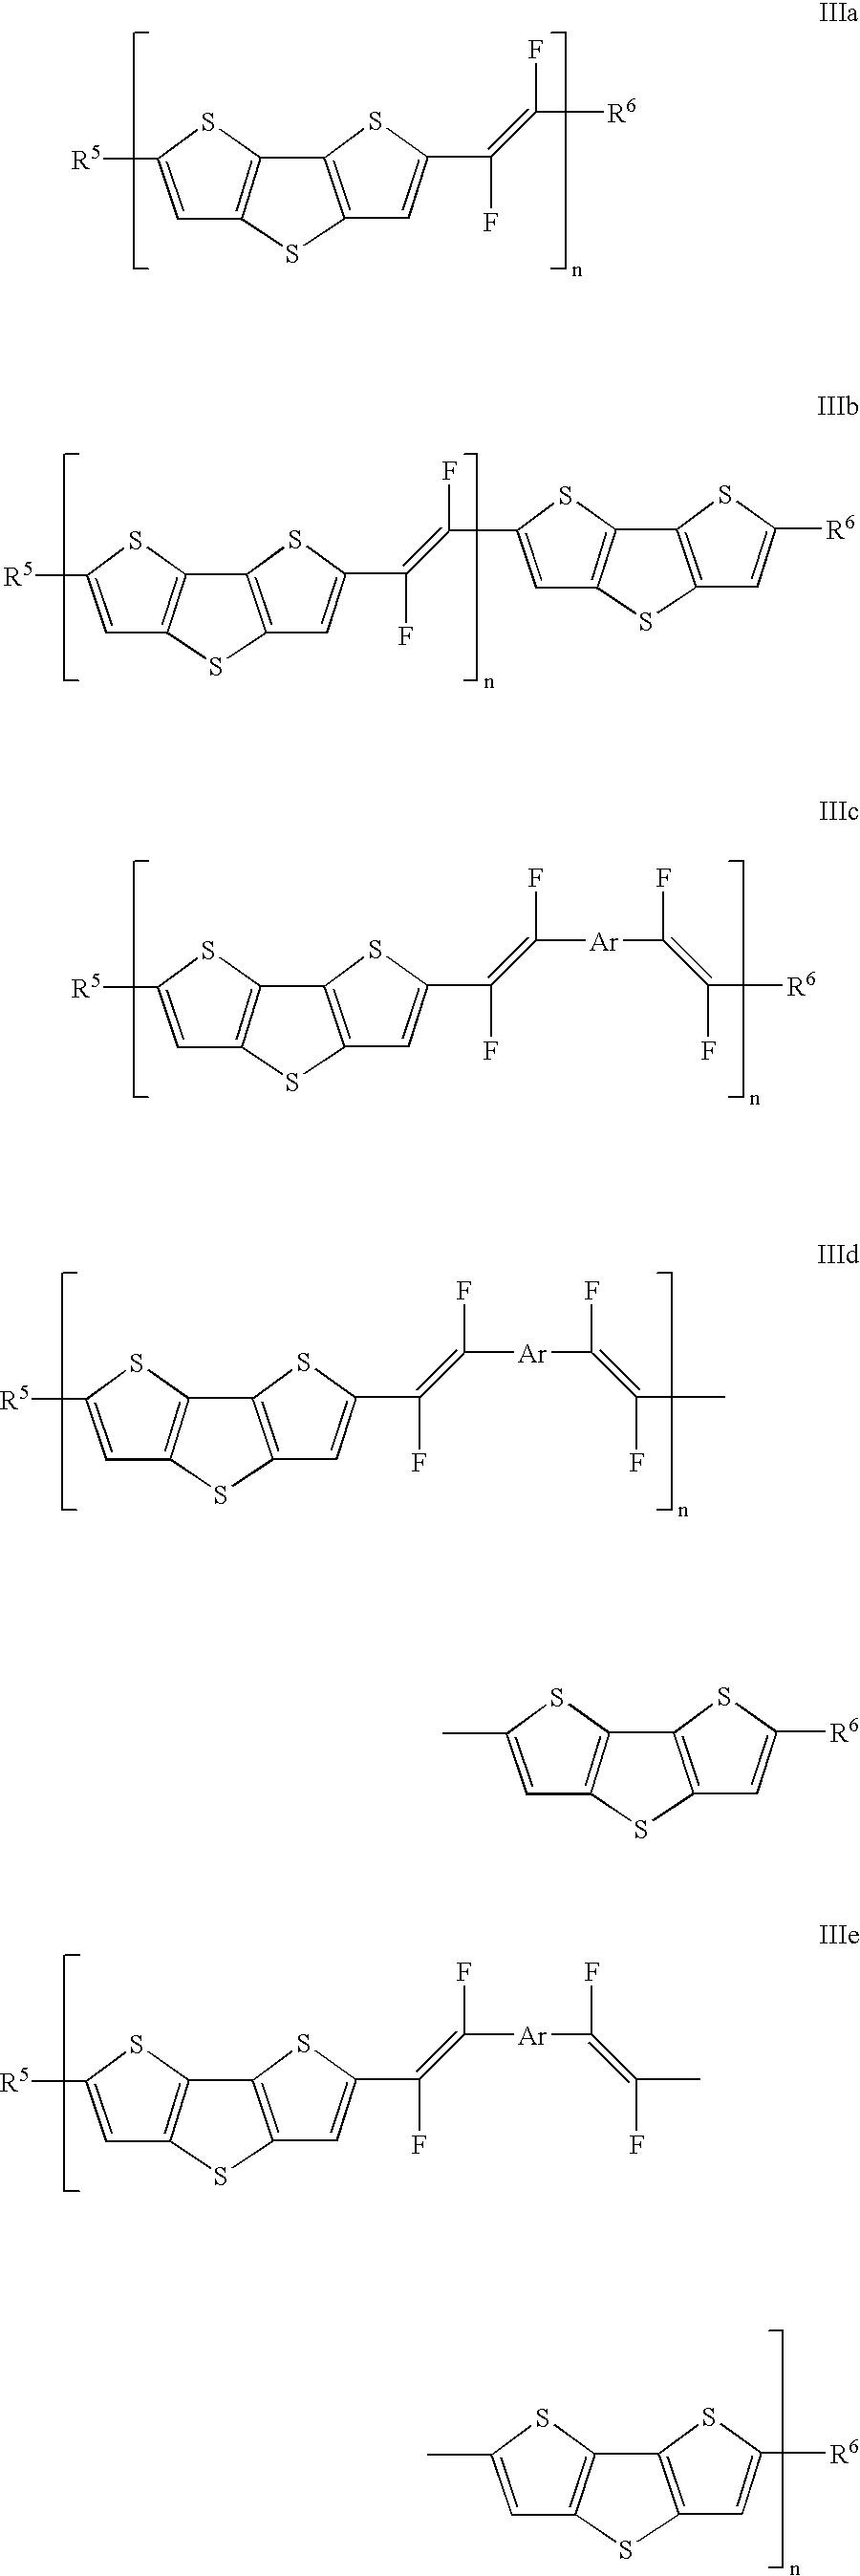 Figure US06824706-20041130-C00010